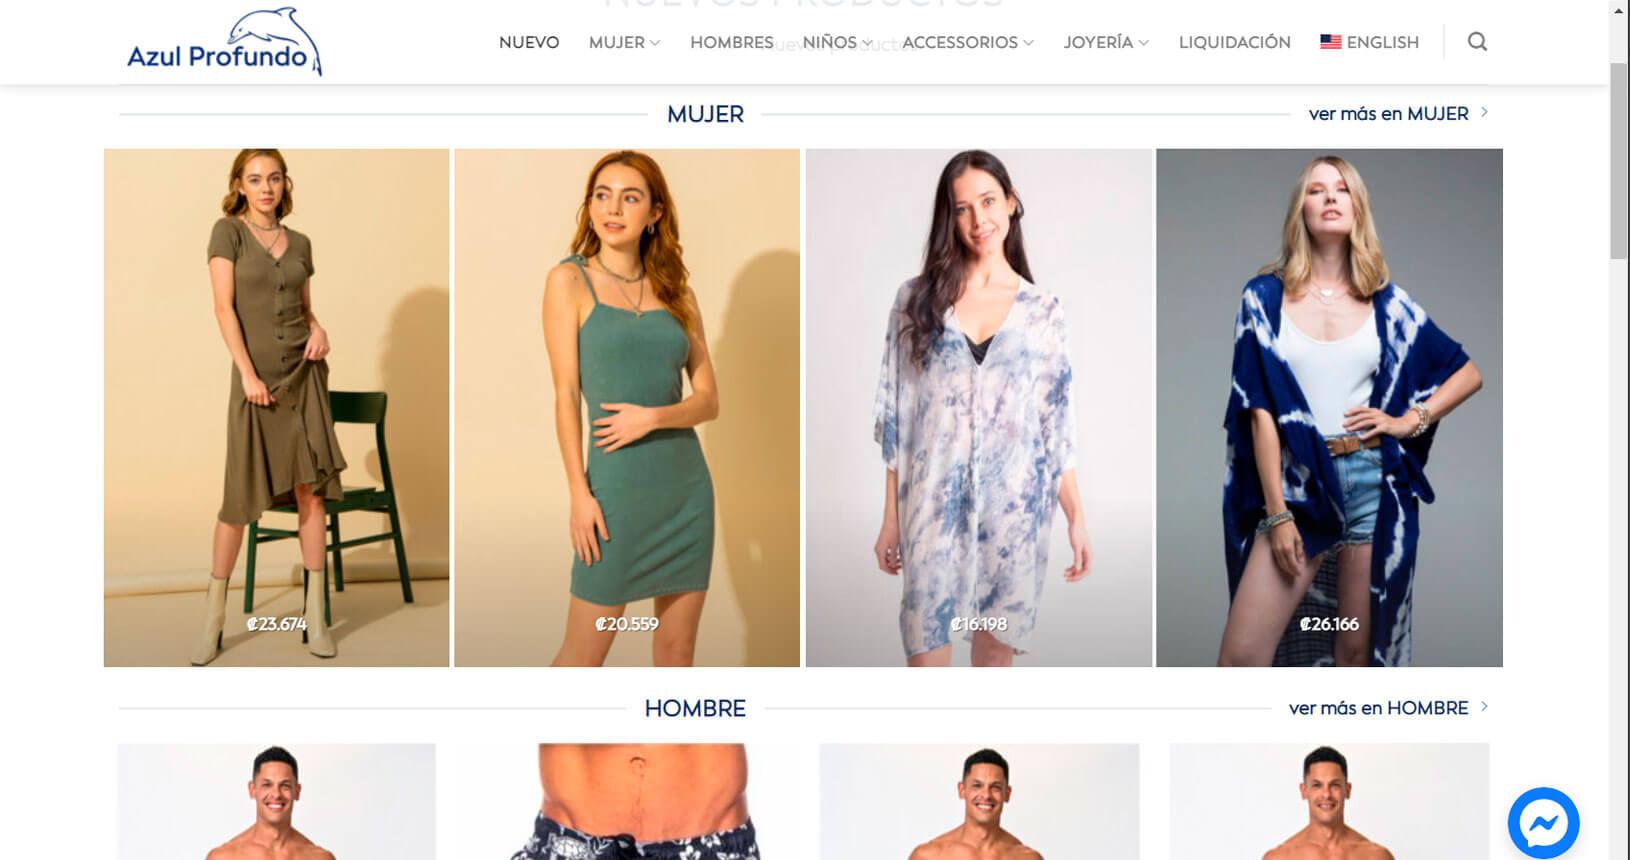 ecommerce para azulprofundoboutique.com